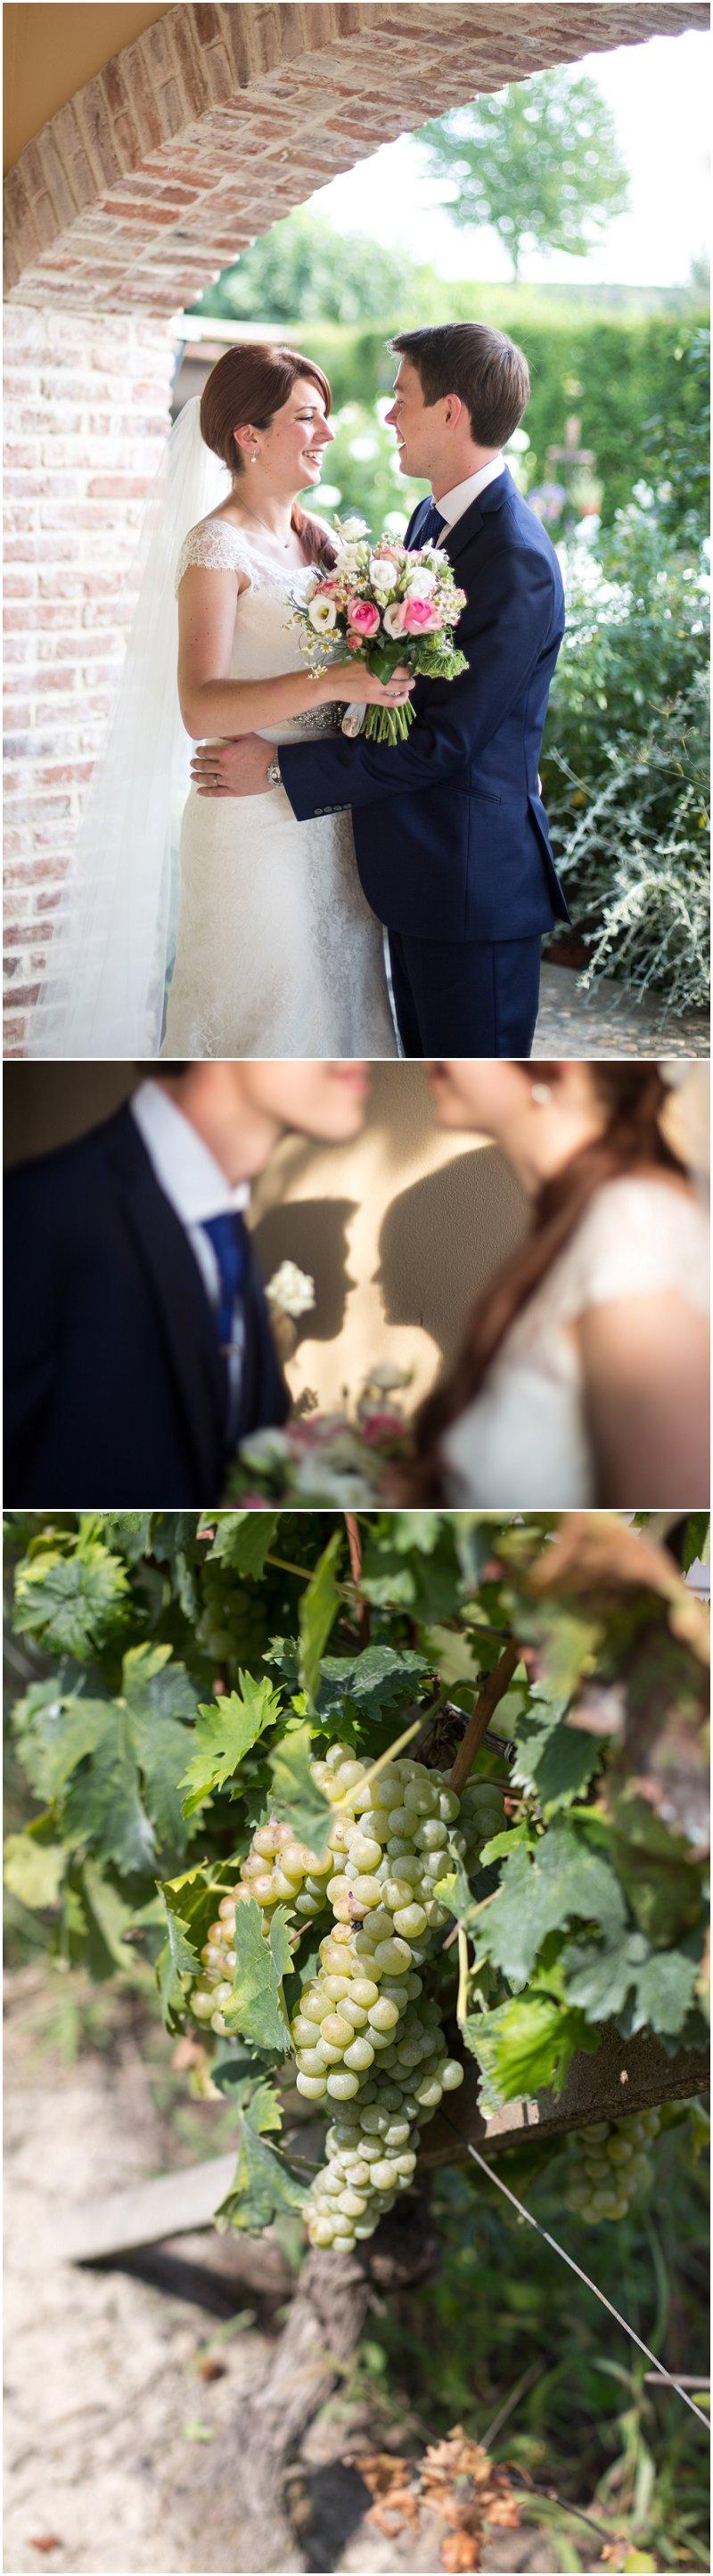 Wedding Photography La Villa Piedmont Italy